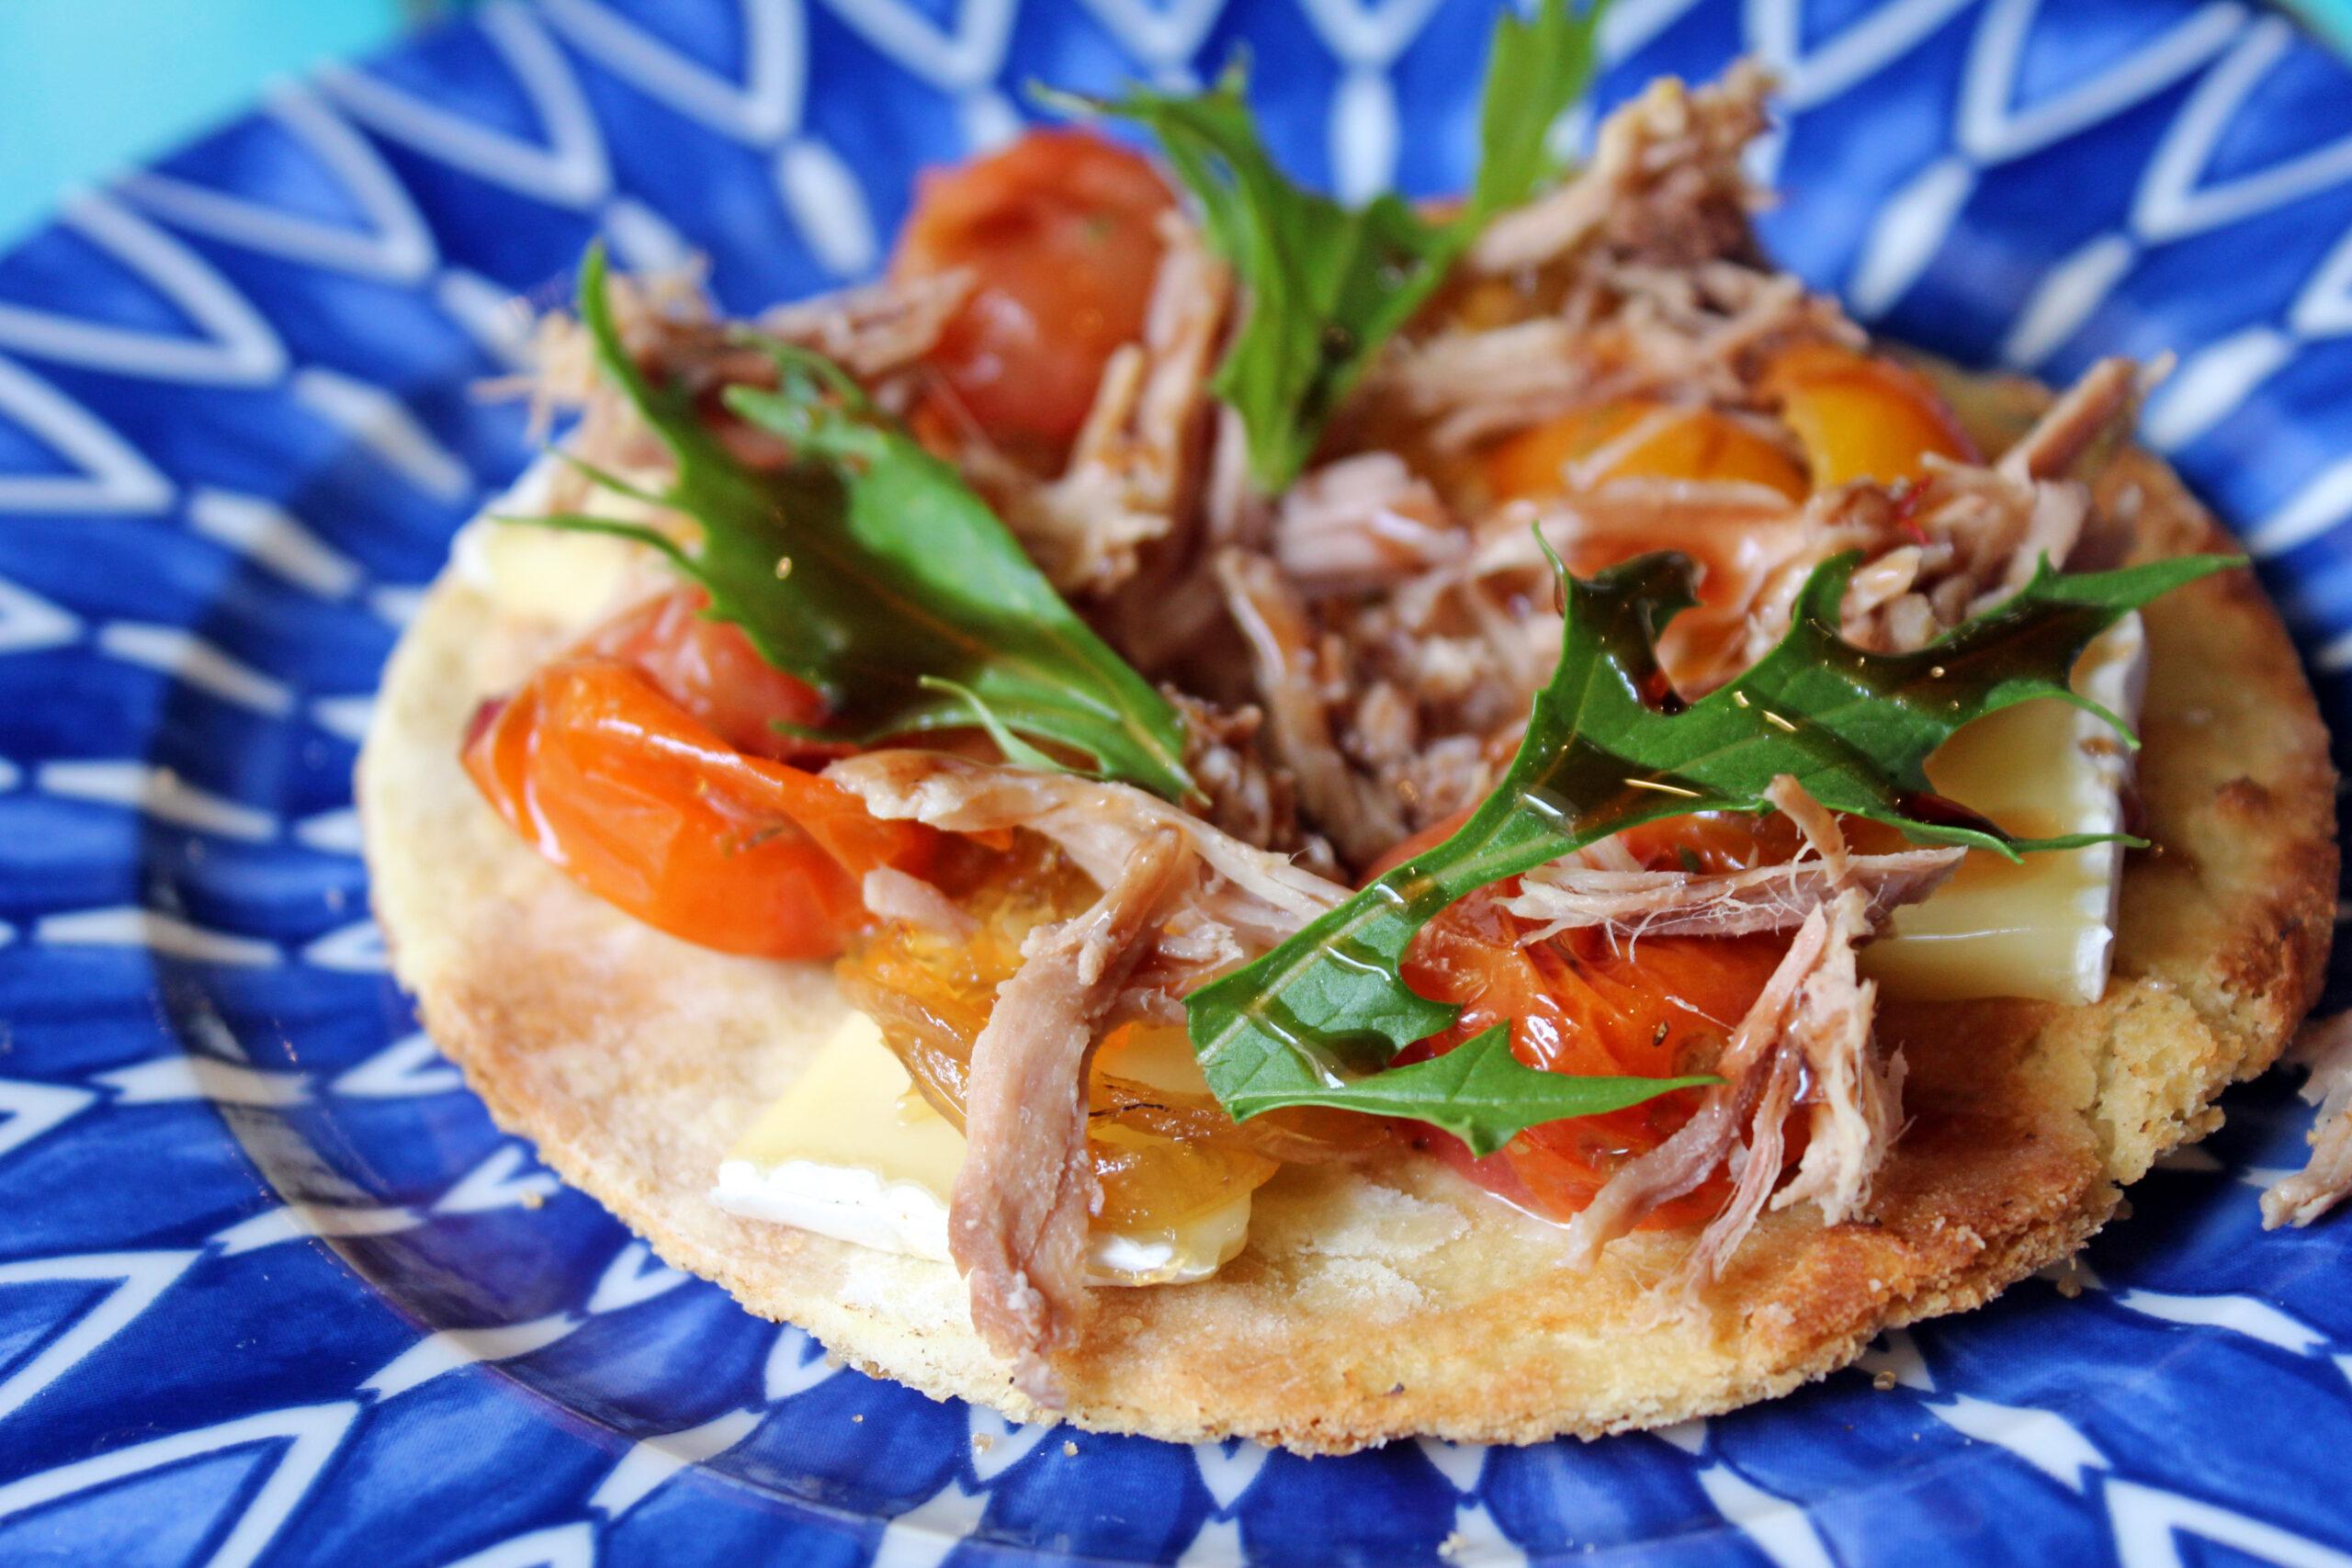 Pizzeta malagueña de chivo y briqueta de cabra